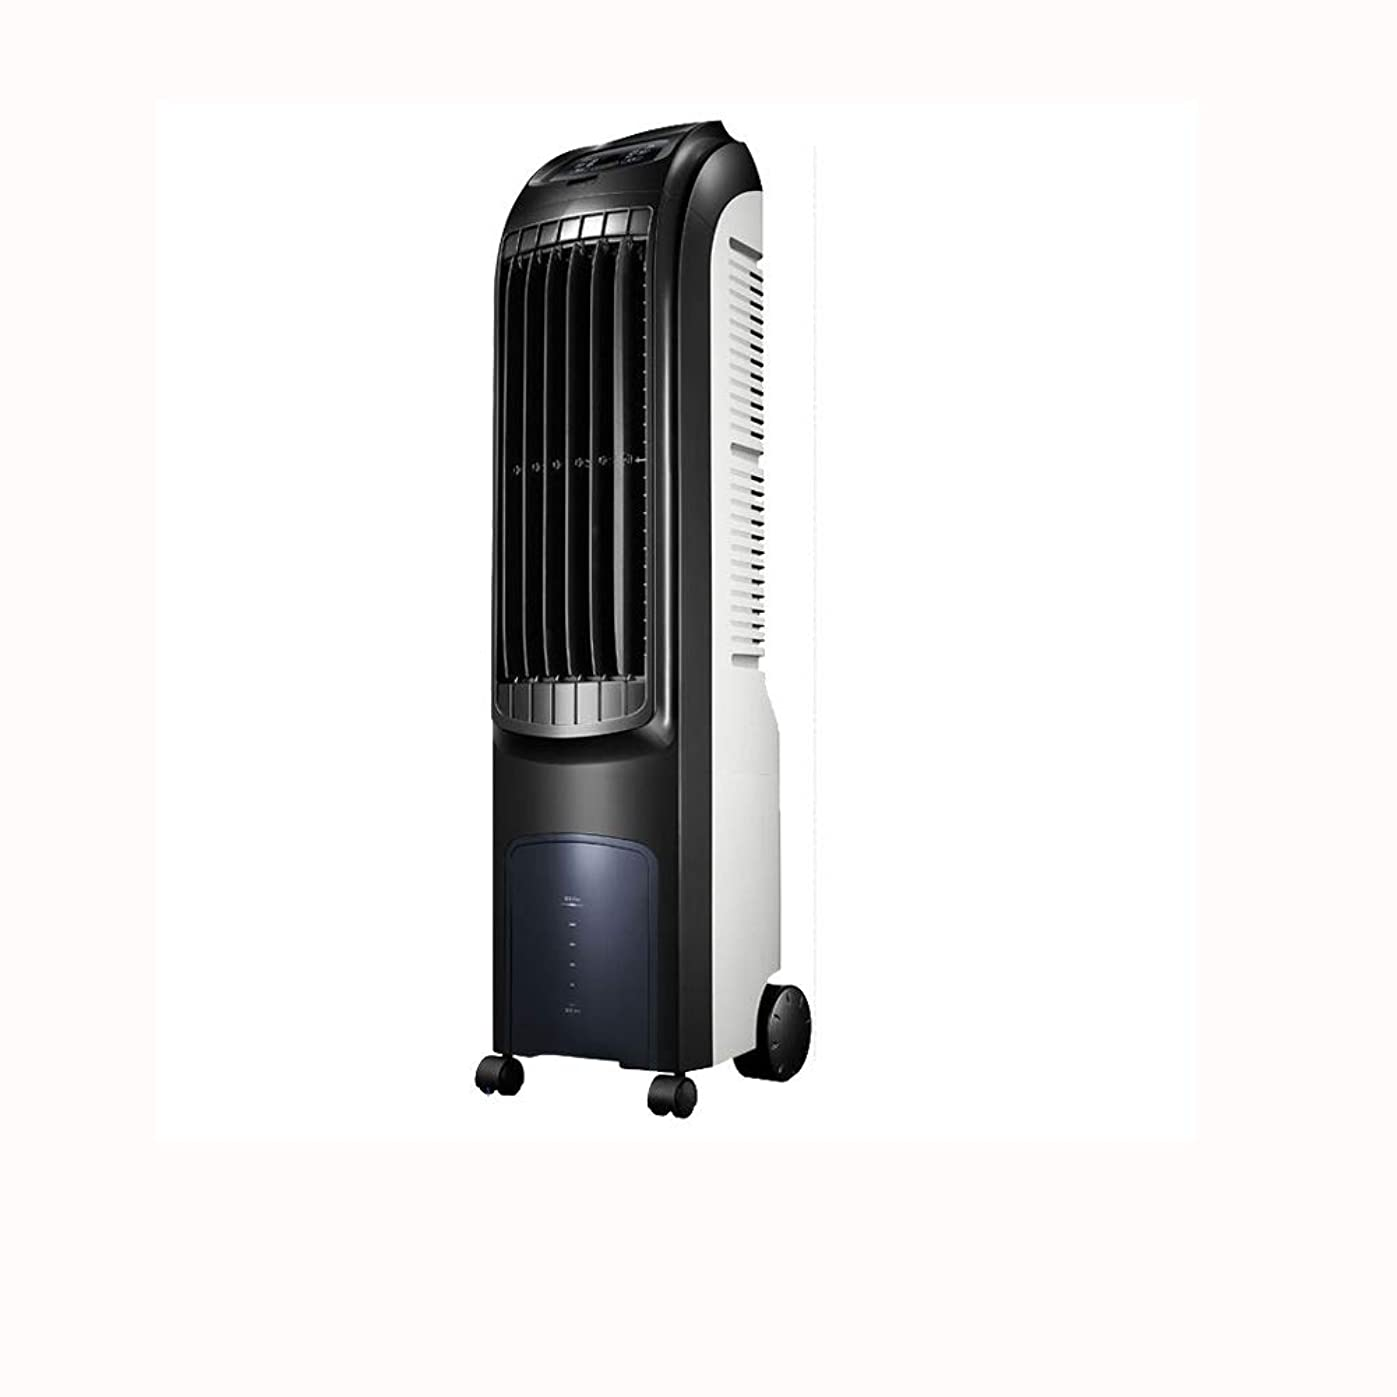 悲観的火曜日バンクYYSD 長時間の携帯用冷たいファン33.8 dBの空気クーラー55Wの省エネの環境に優しい冷たいファンのクーラーの屋内屋外のac